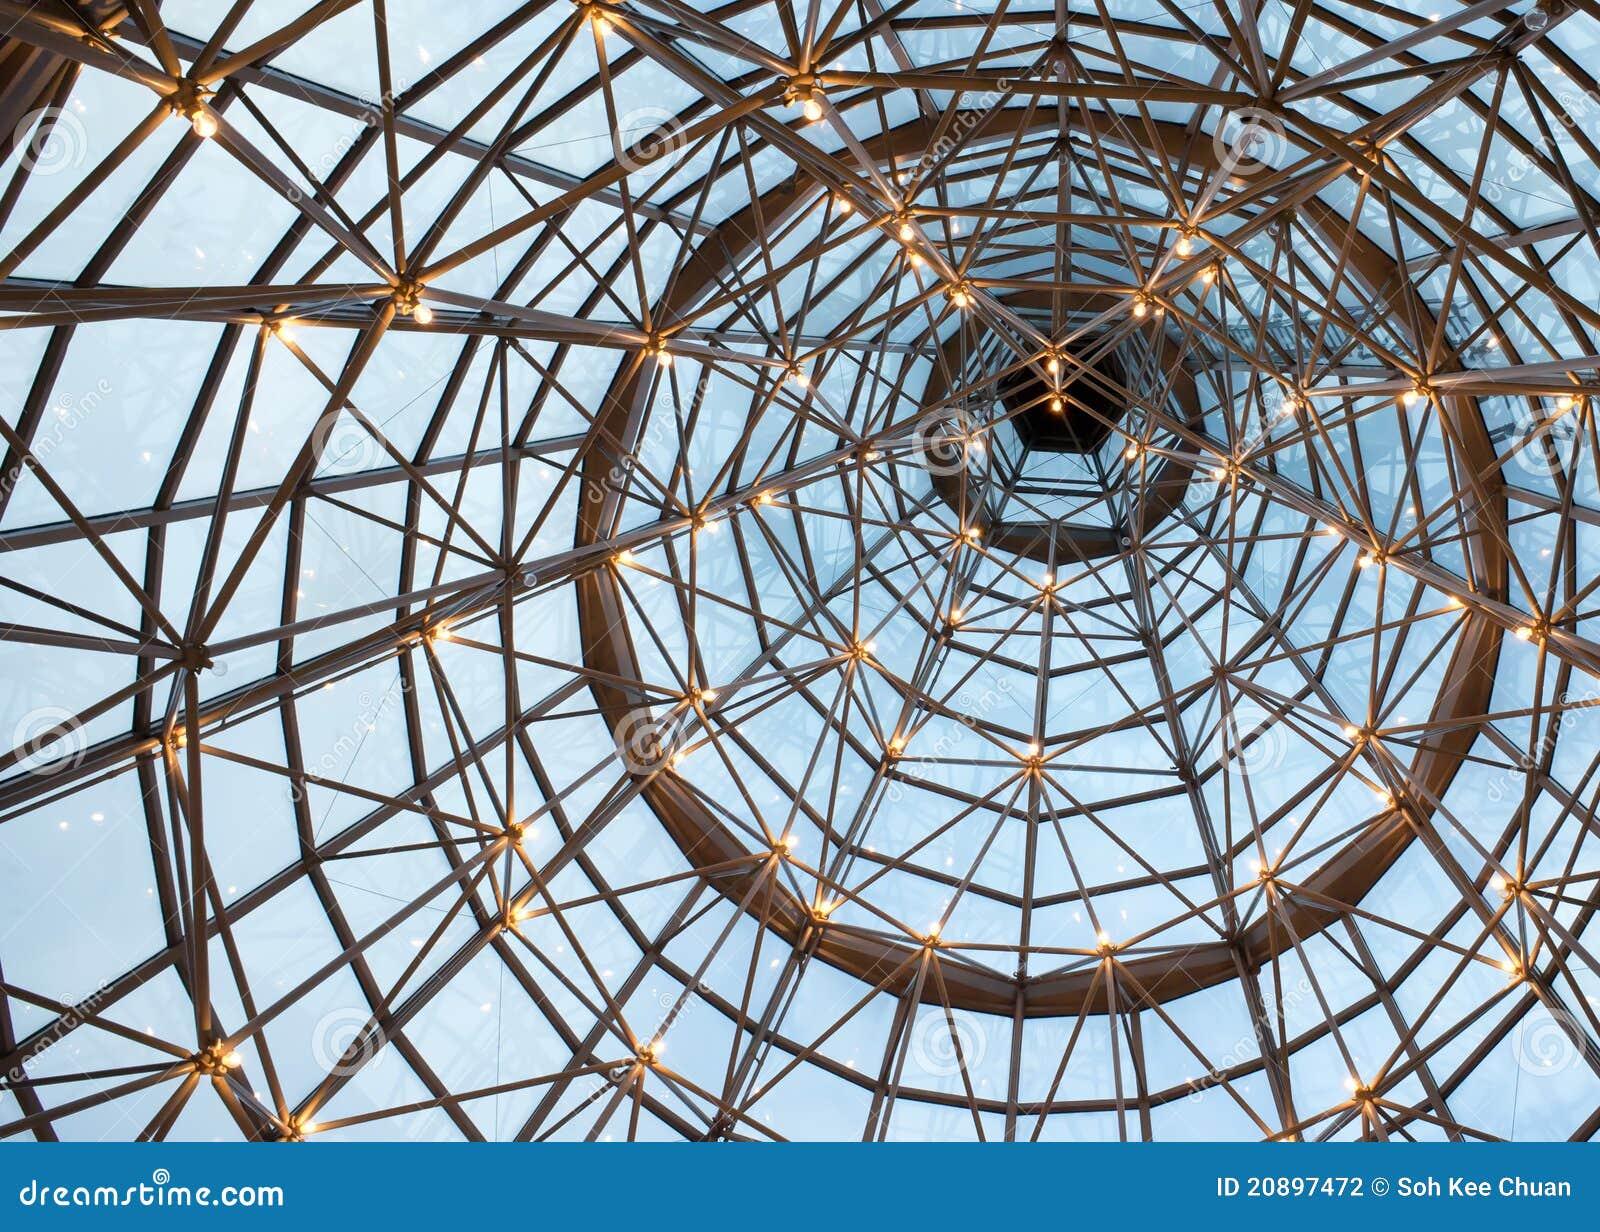 Soffitto Di Vetro Illuminato Del Fascio Fotografia Stock - Immagine: 20897472